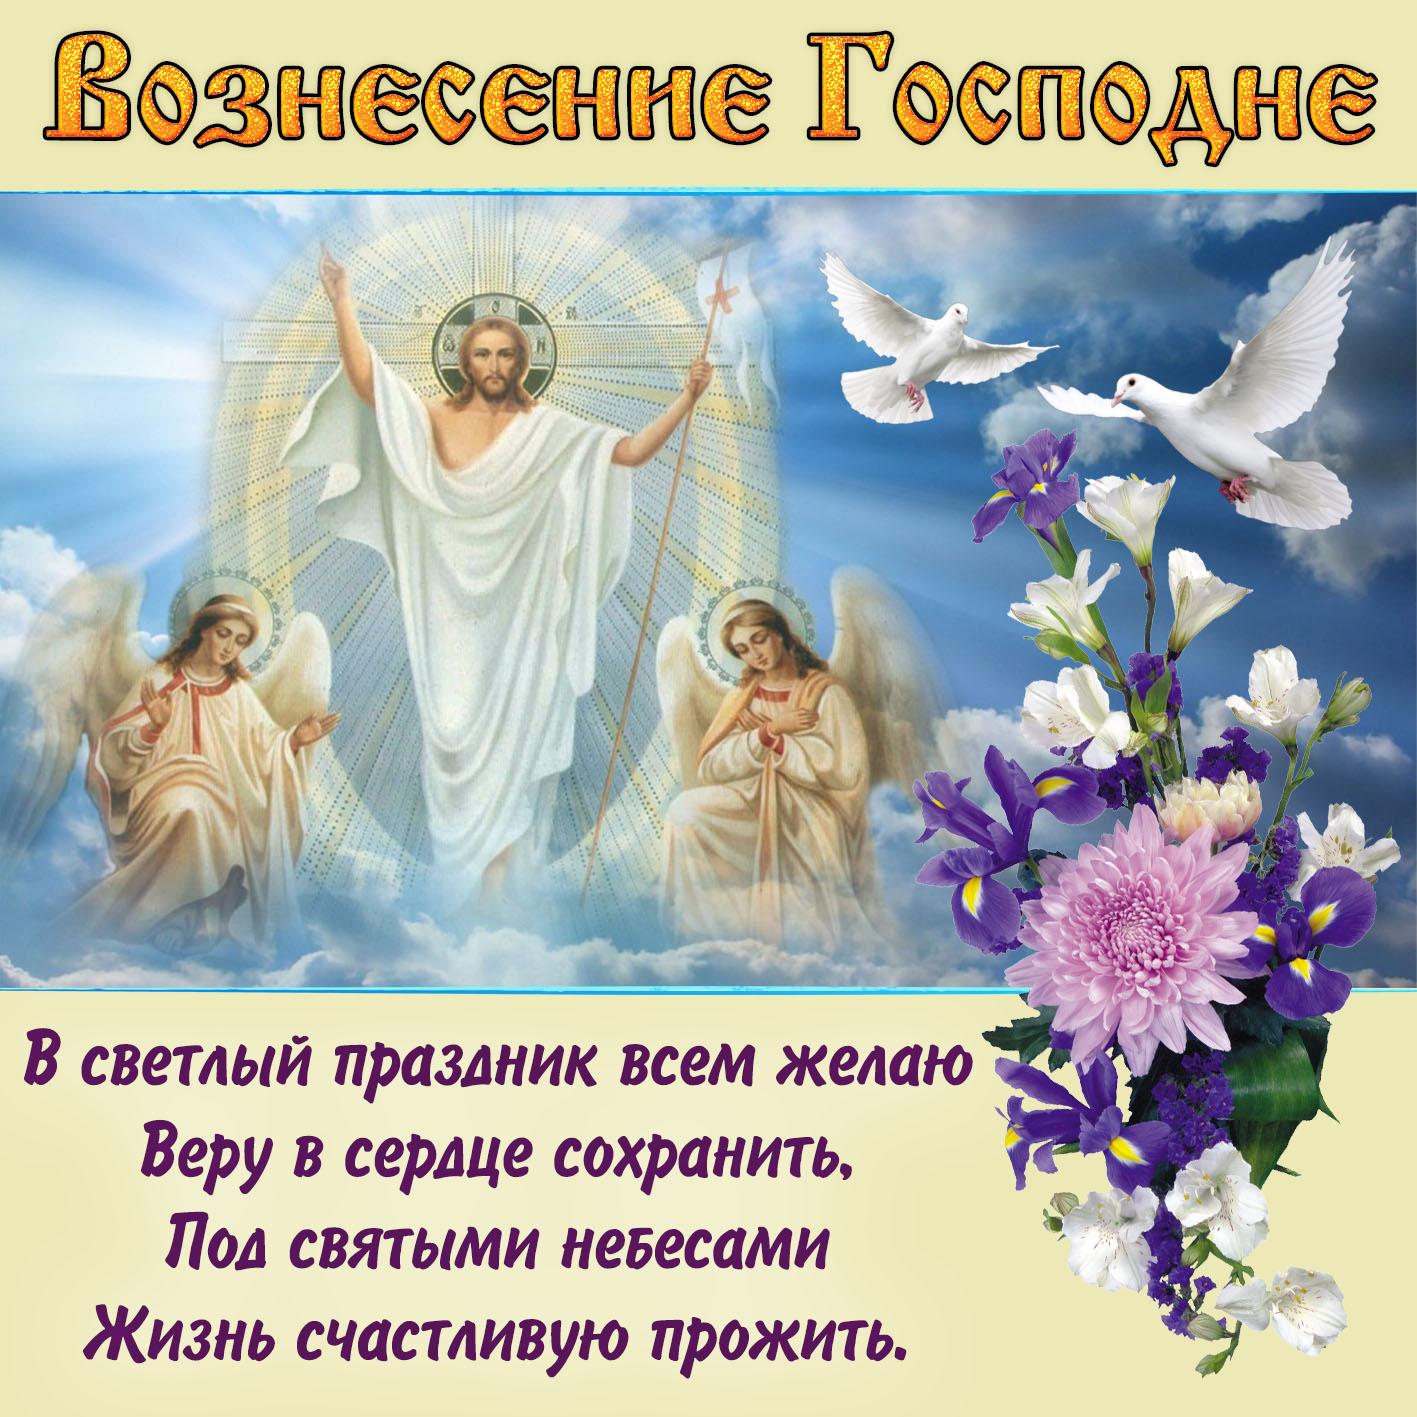 Детьми, открытки гифы вознесение господне